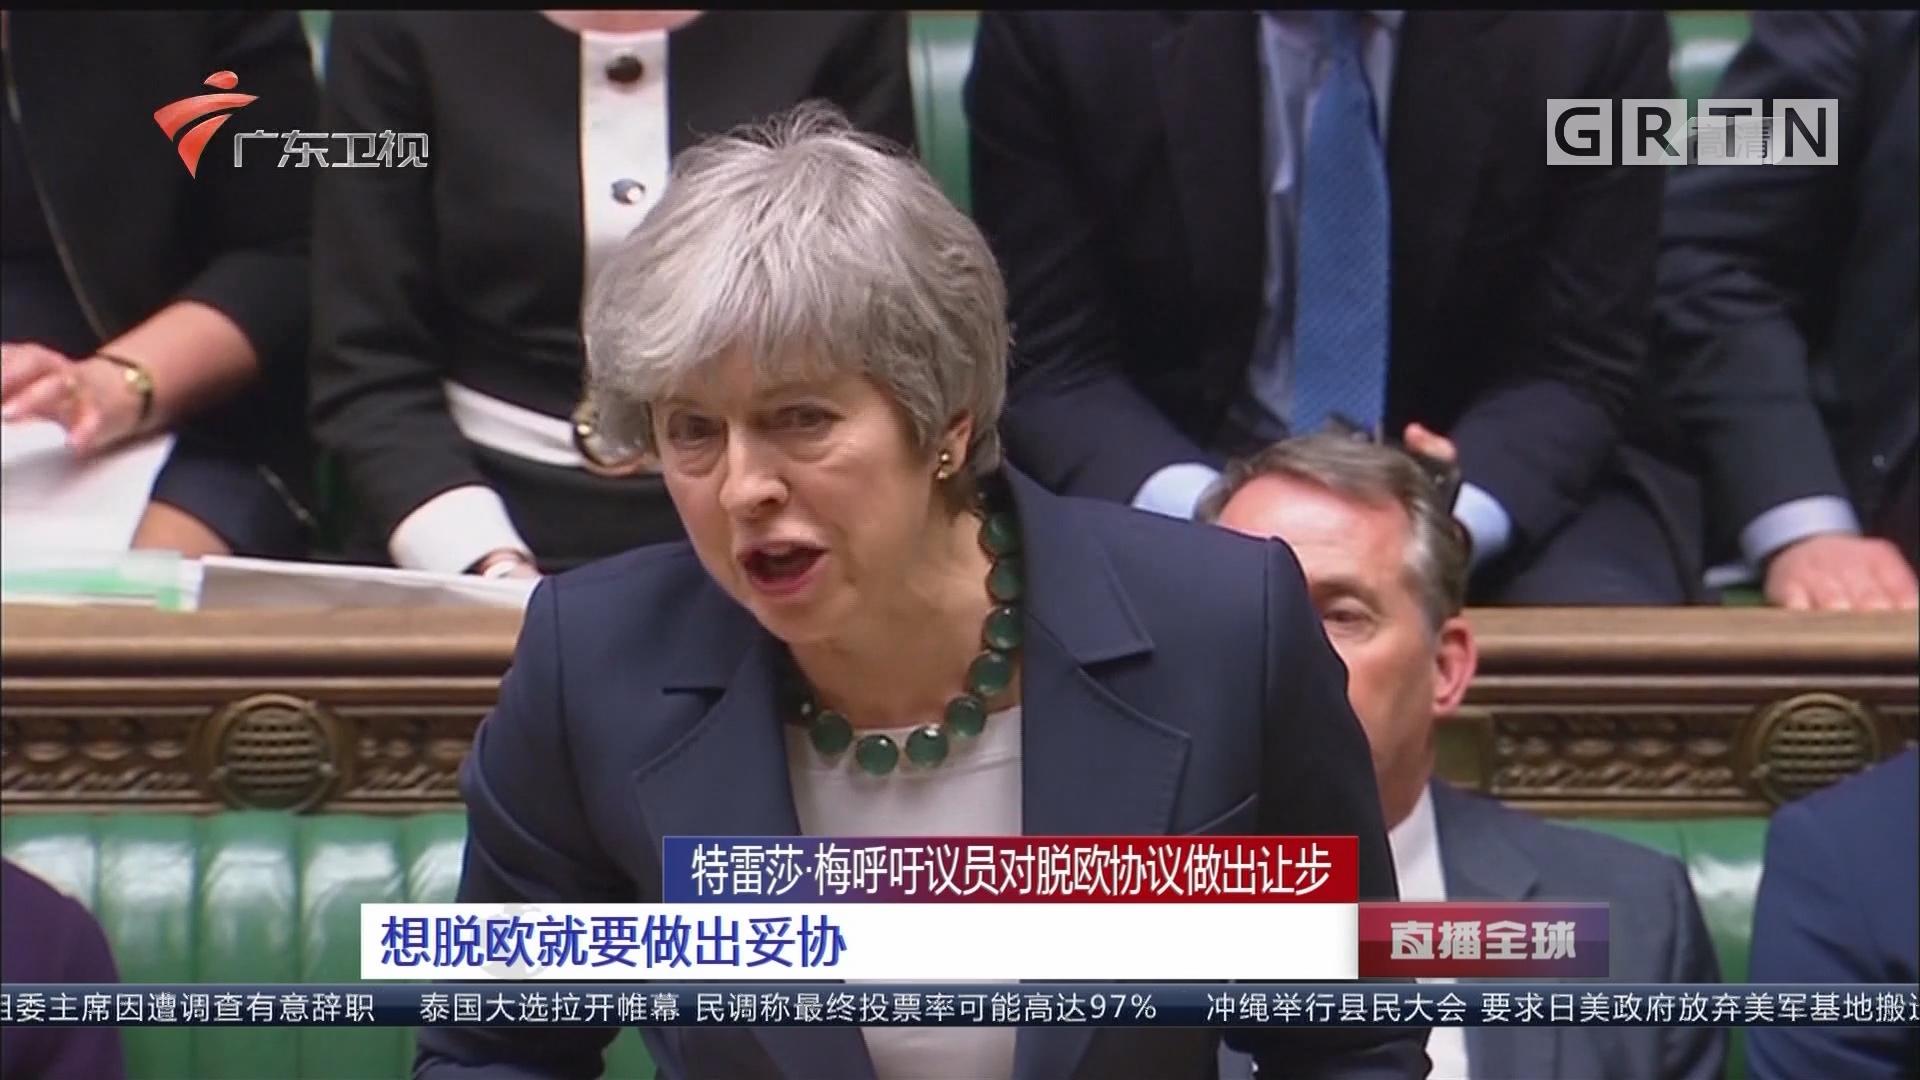 特蕾莎·梅呼吁议员对脱欧协议做出让步:想脱欧就要做出妥协